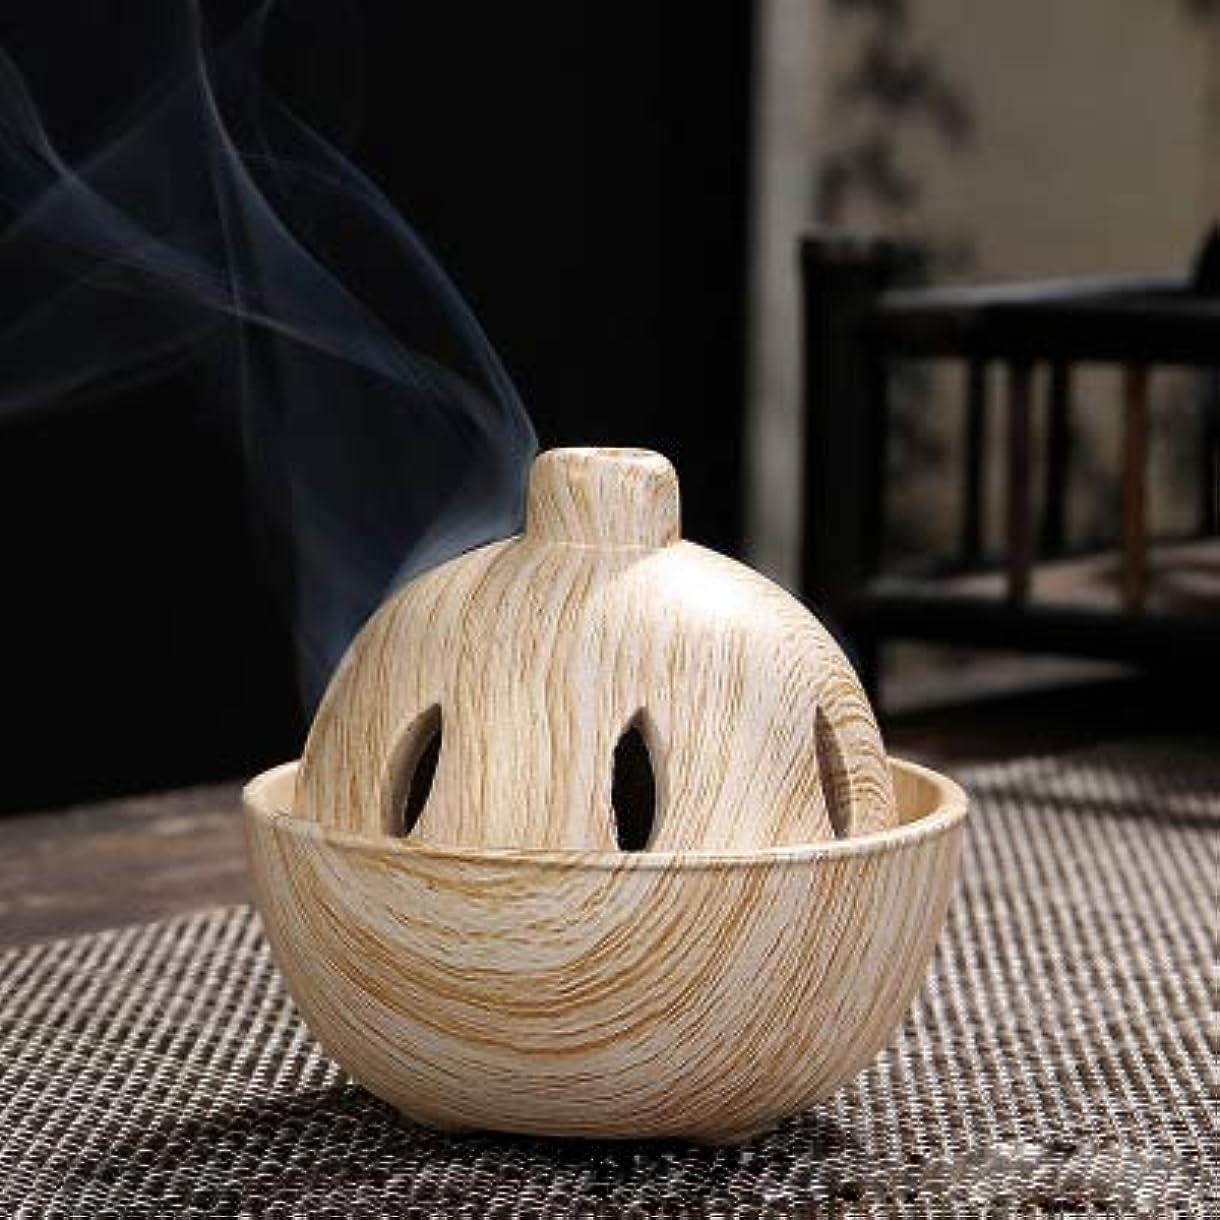 許可代表するまともなPHILOGOD 陶器香炉 クリエイティブスタイリング 仏壇用 渦巻き線香立て 香皿 (Brown)